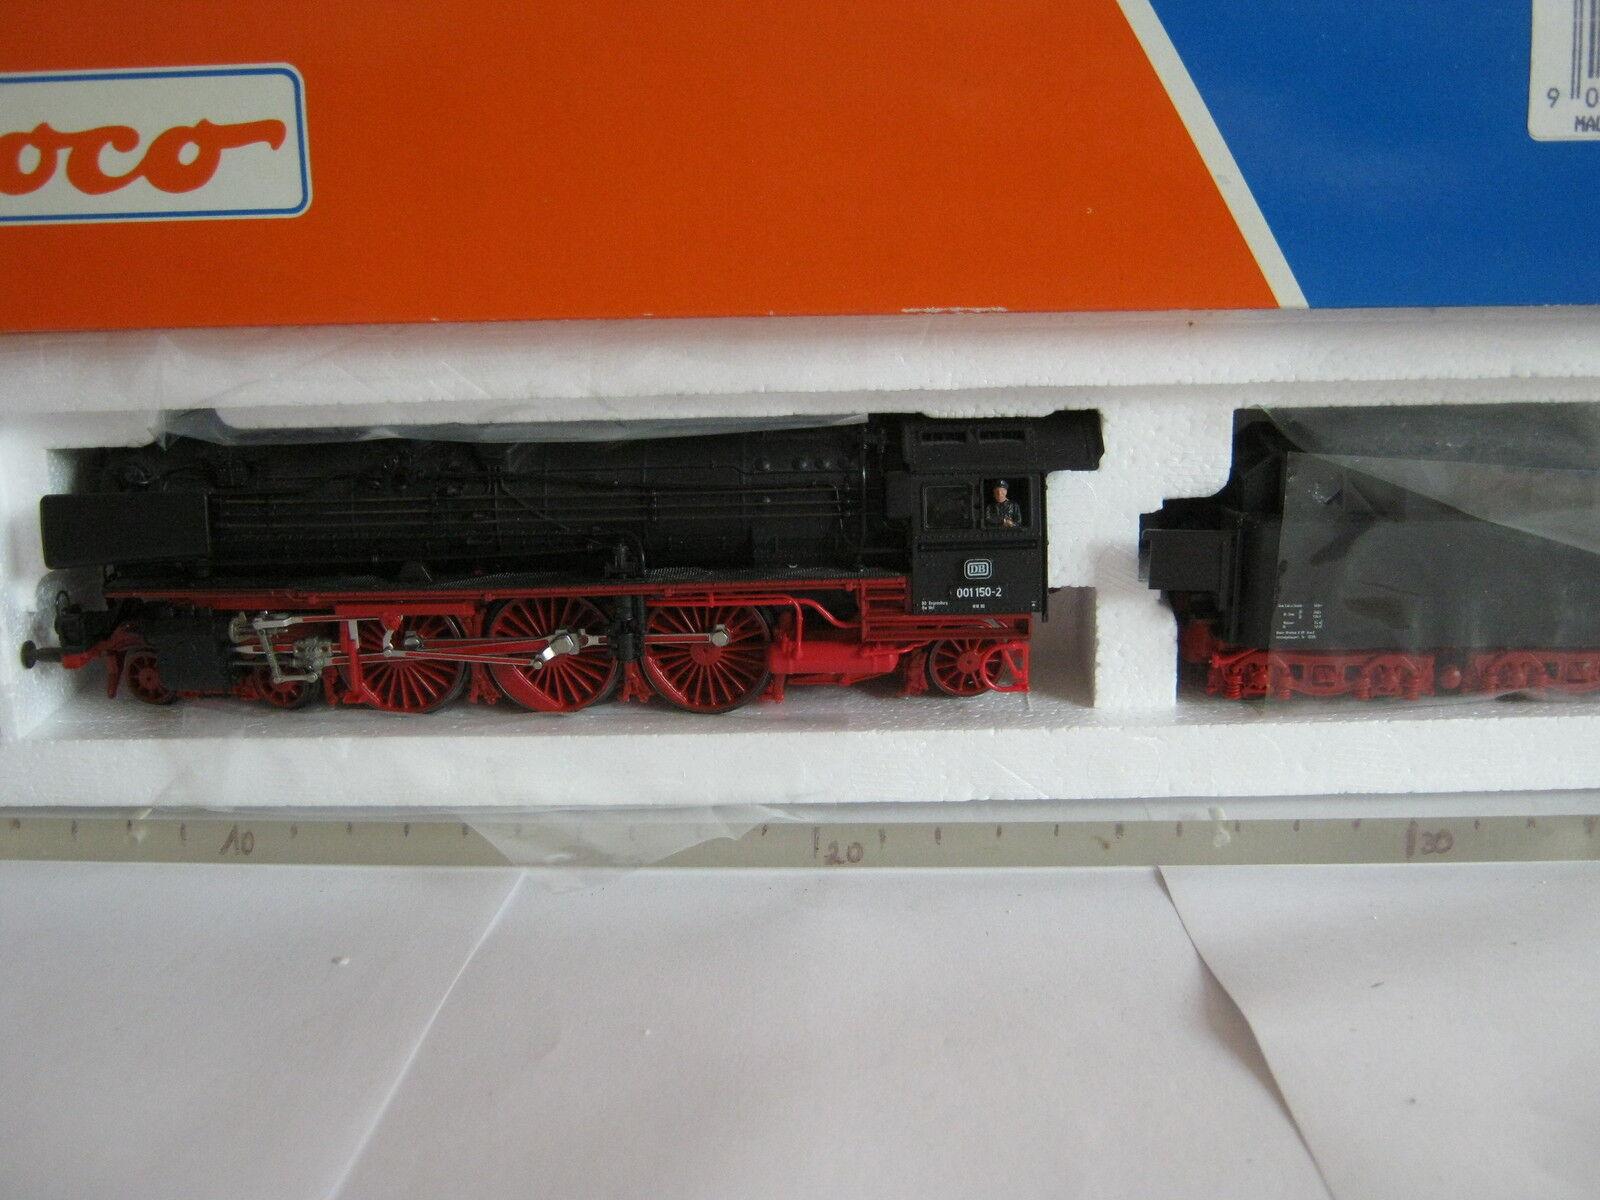 ROCO HO 43240 locomotiva a vapore BR 01 150-2 DB  rg/bt/182-83s6/2